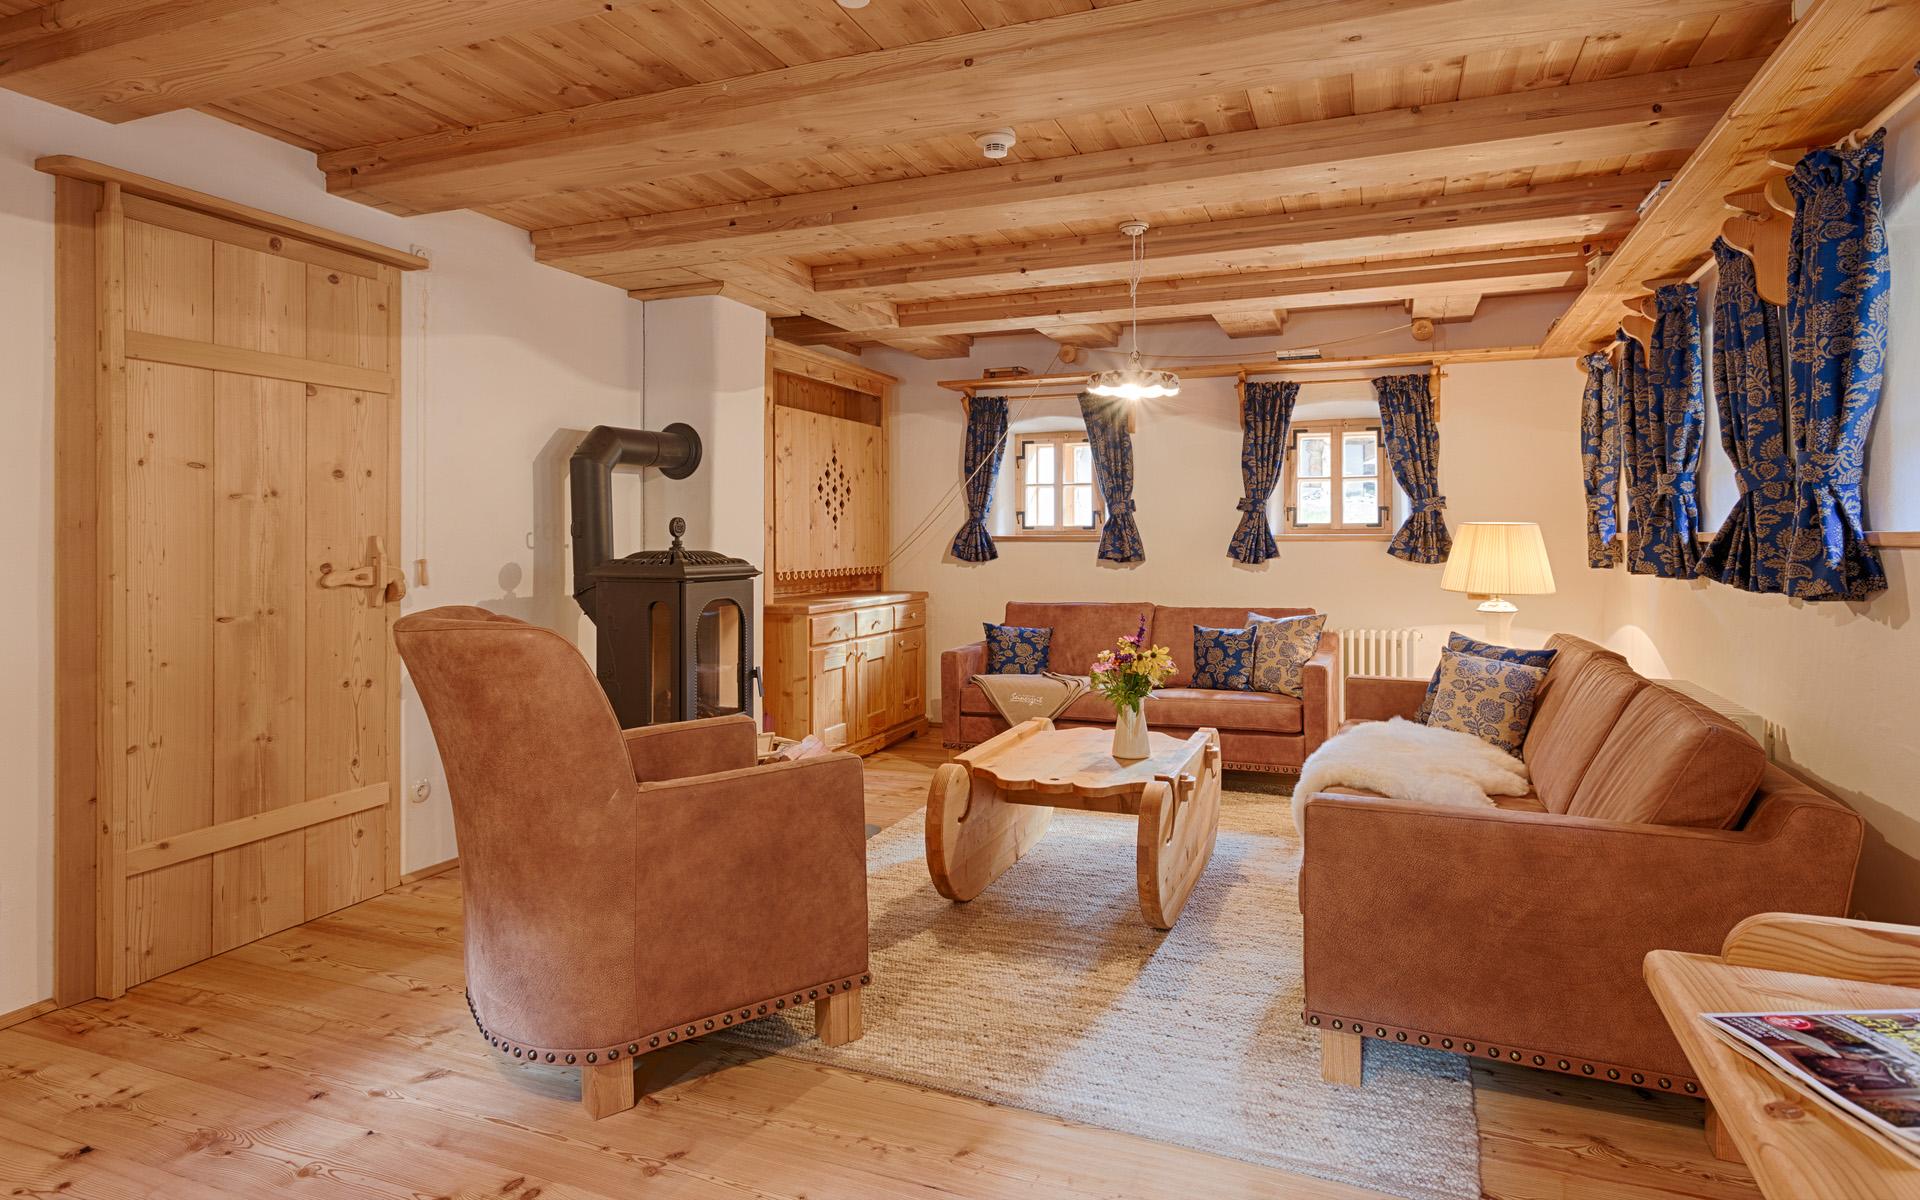 Seinerzeit-Almdorf_Cottage_Chalet-Alpenstil_Wodden-apartments_Austria_hotelska-oprema_Hotel-equipment_10